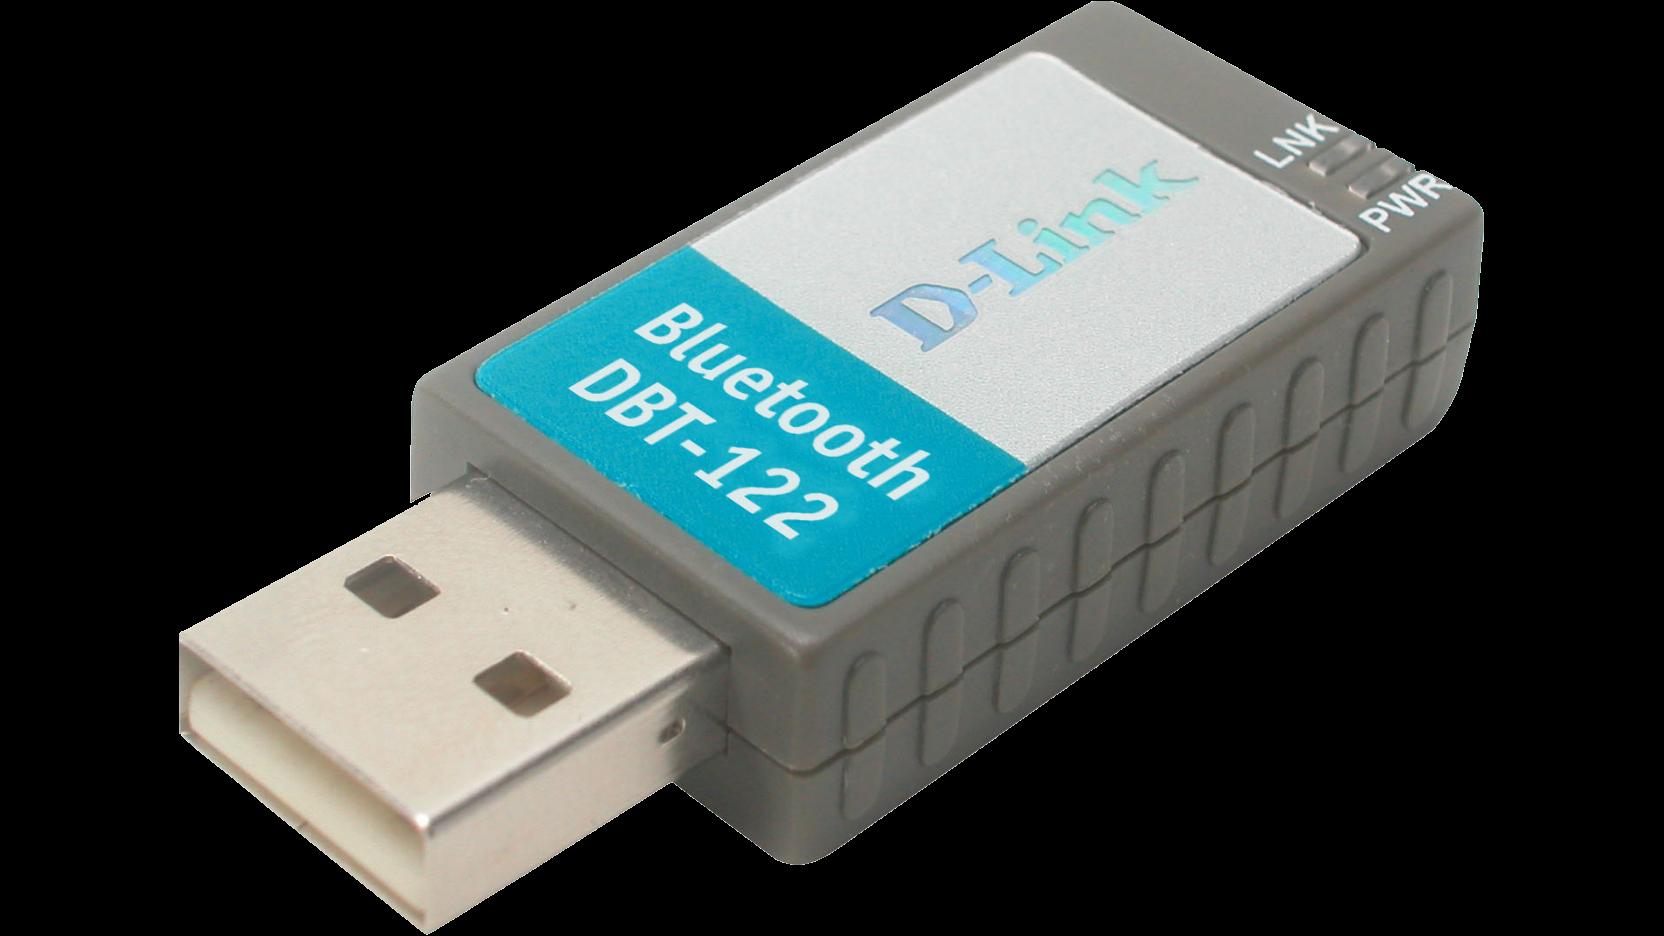 D-Link USB Bluetooth Adapter